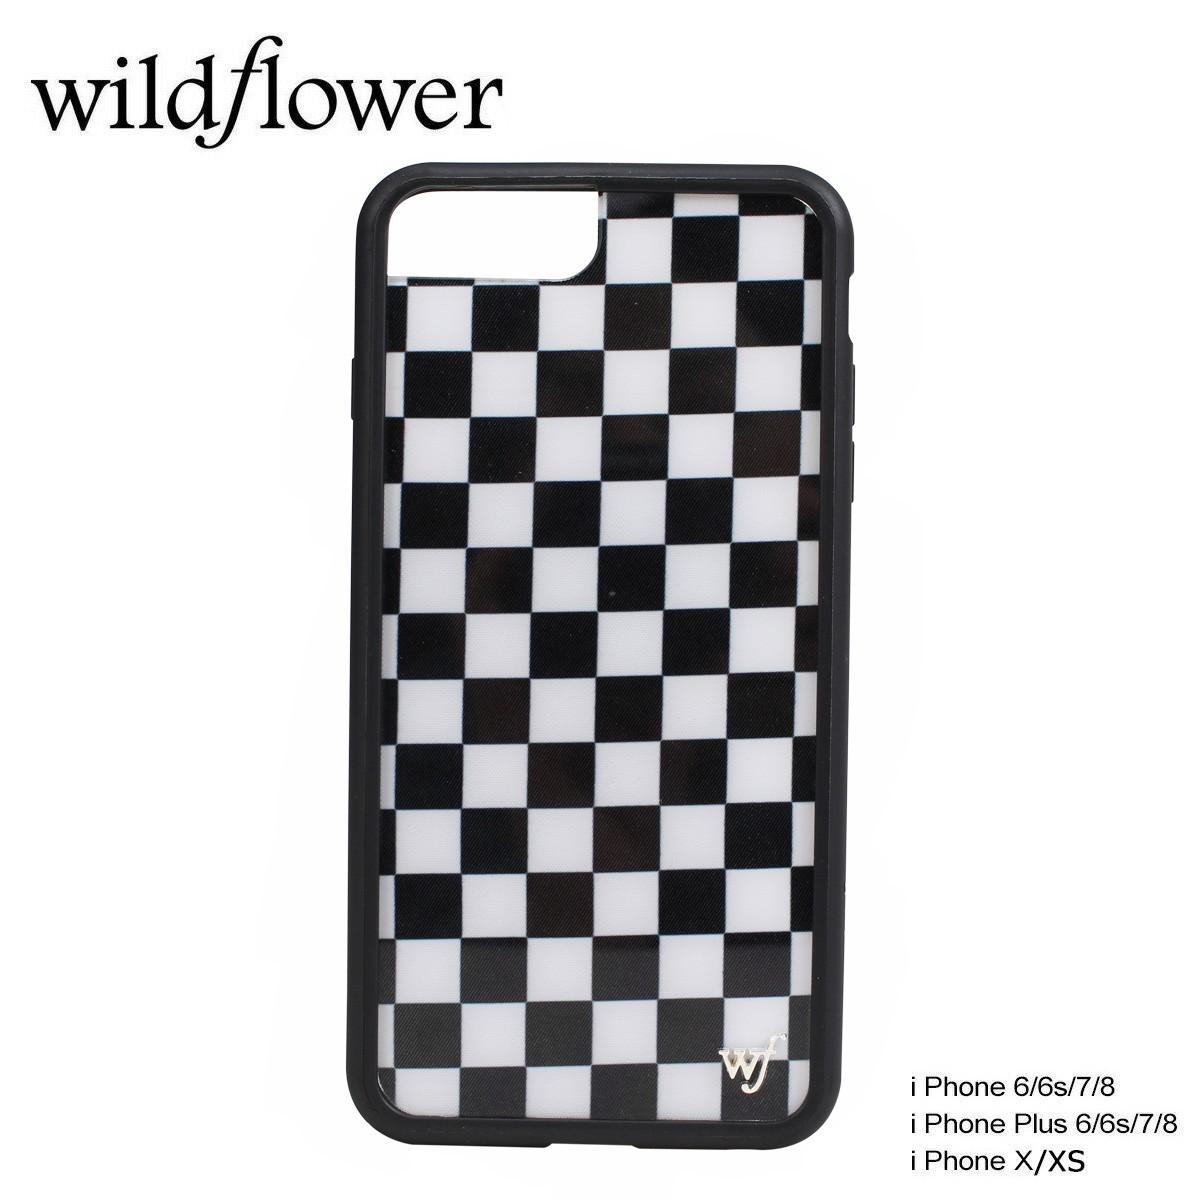 wildflower ケース スマホ iPhone7 ワイルドフラワー iPhoneケース 6 6s アイフォン レディース ハンドメイド [8/29 追加入荷] [ネコポス可]